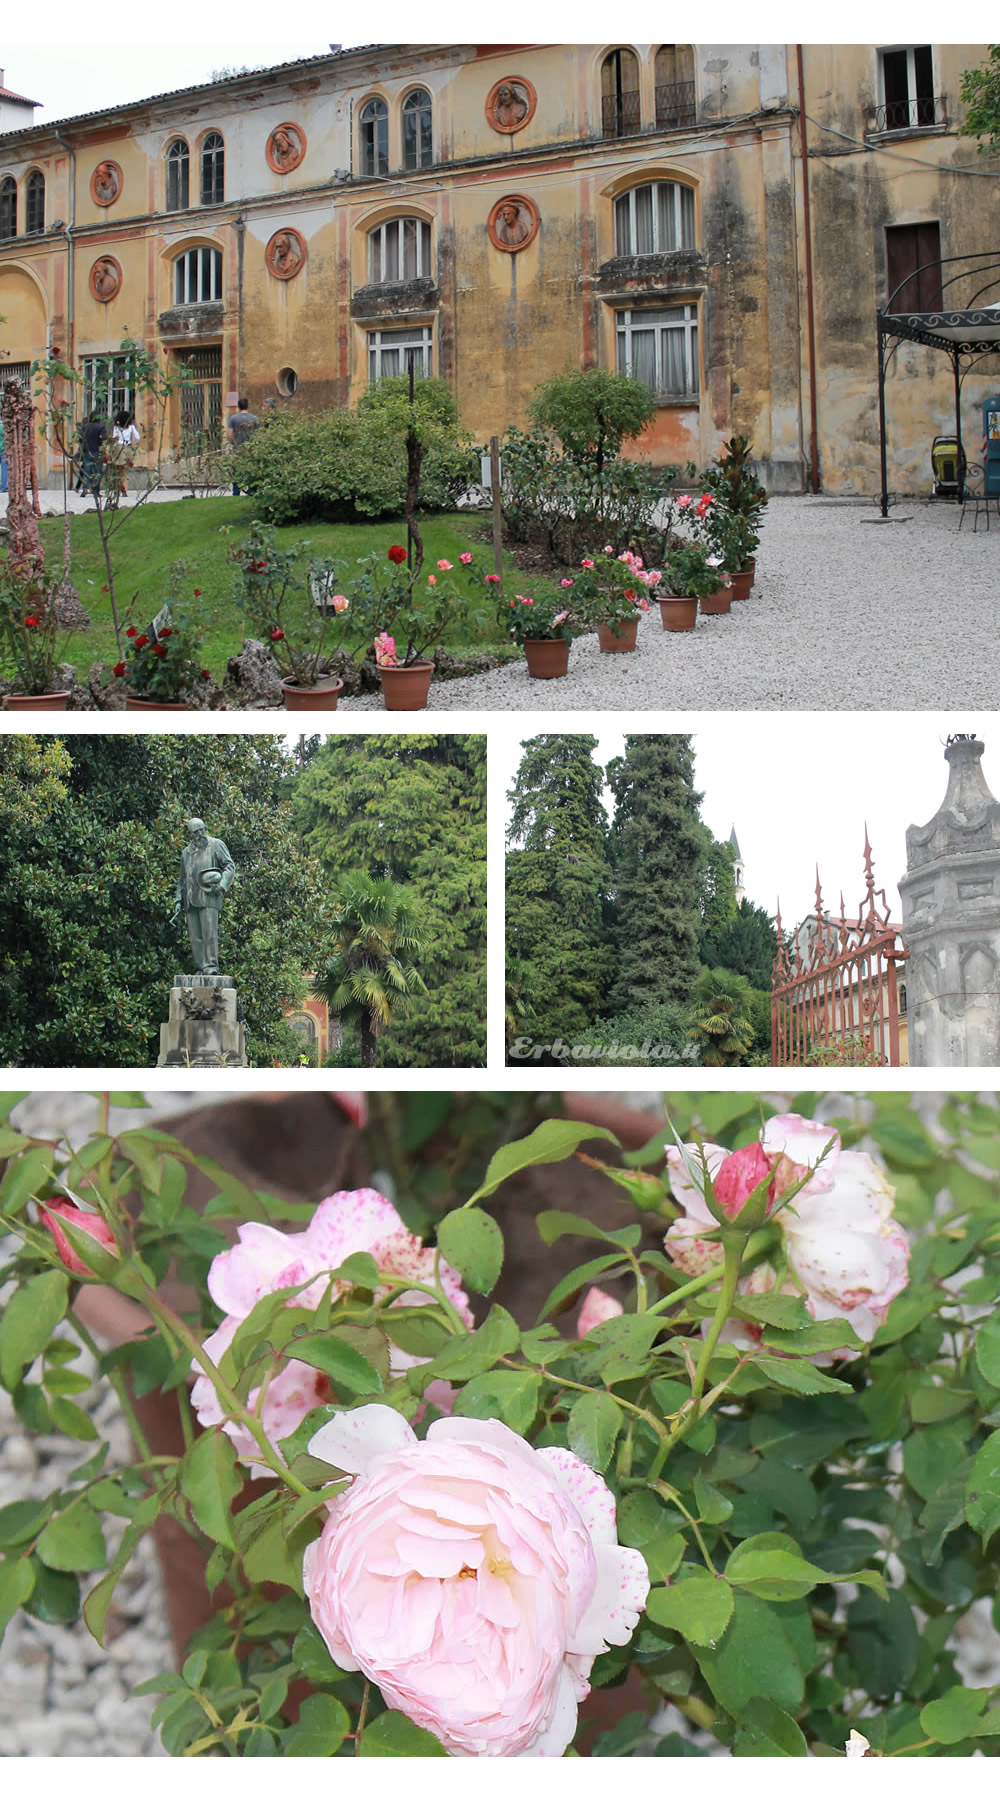 Ingresso Giardino Jacquard - Mostra delle rose - Statua Rossi